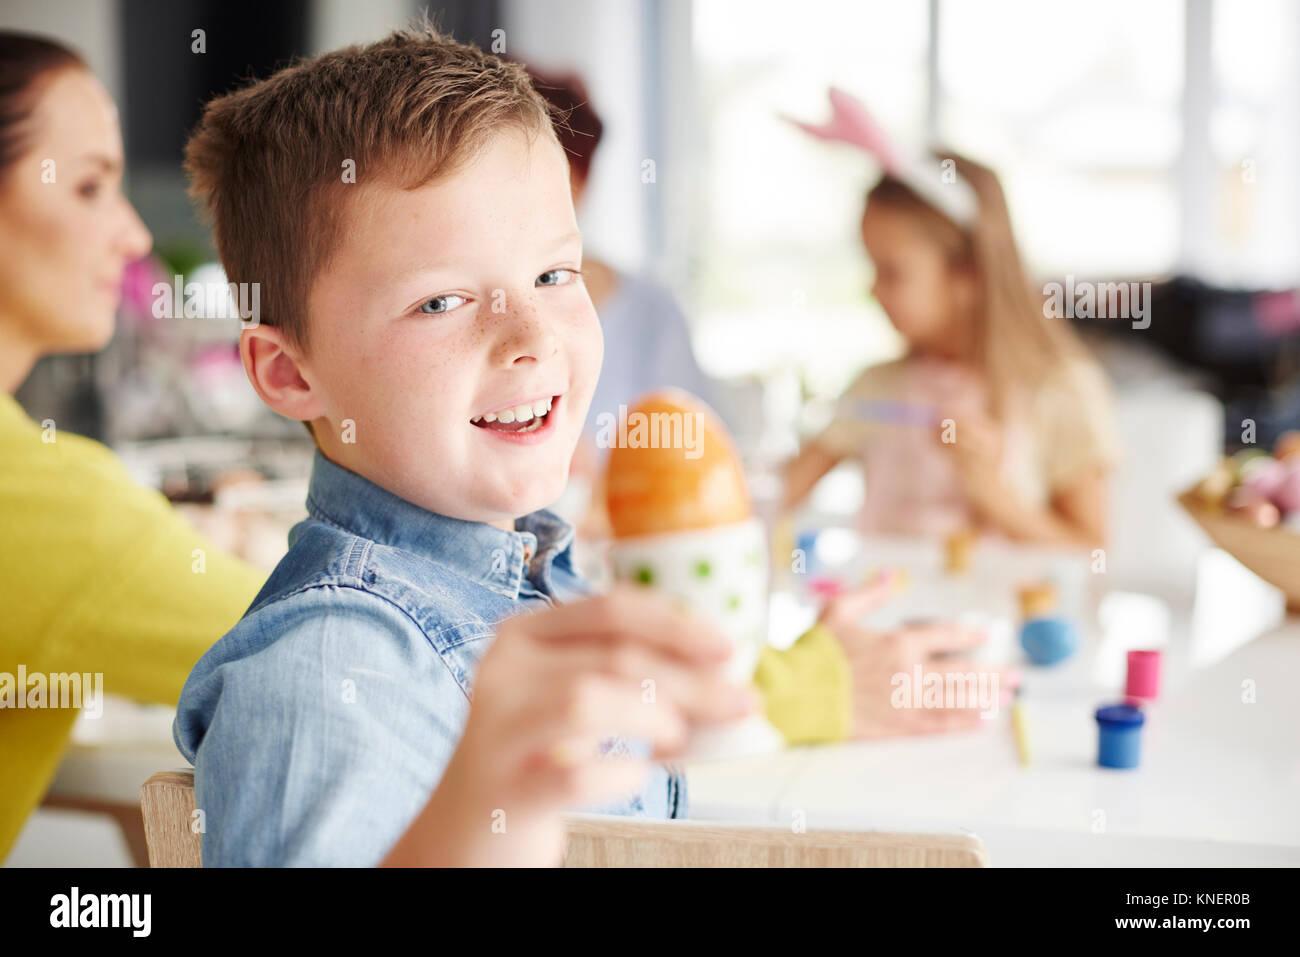 Retrato de niño sosteniendo hervidos pintados del huevo de pascua en la mesa Foto de stock